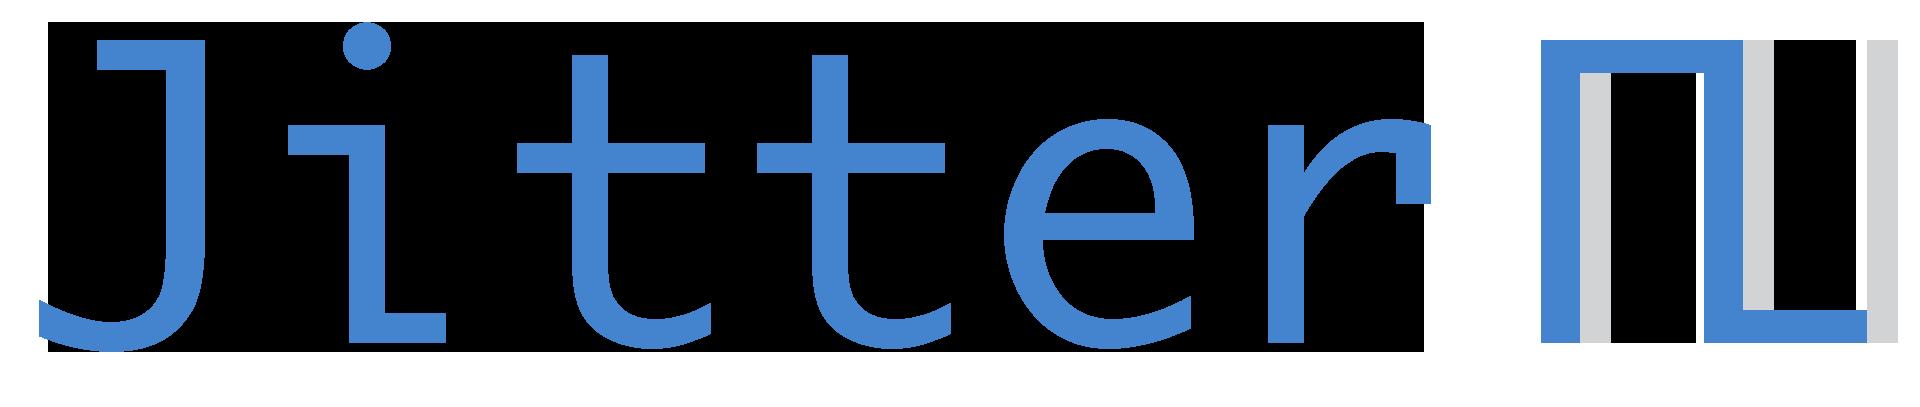 Jitter logo